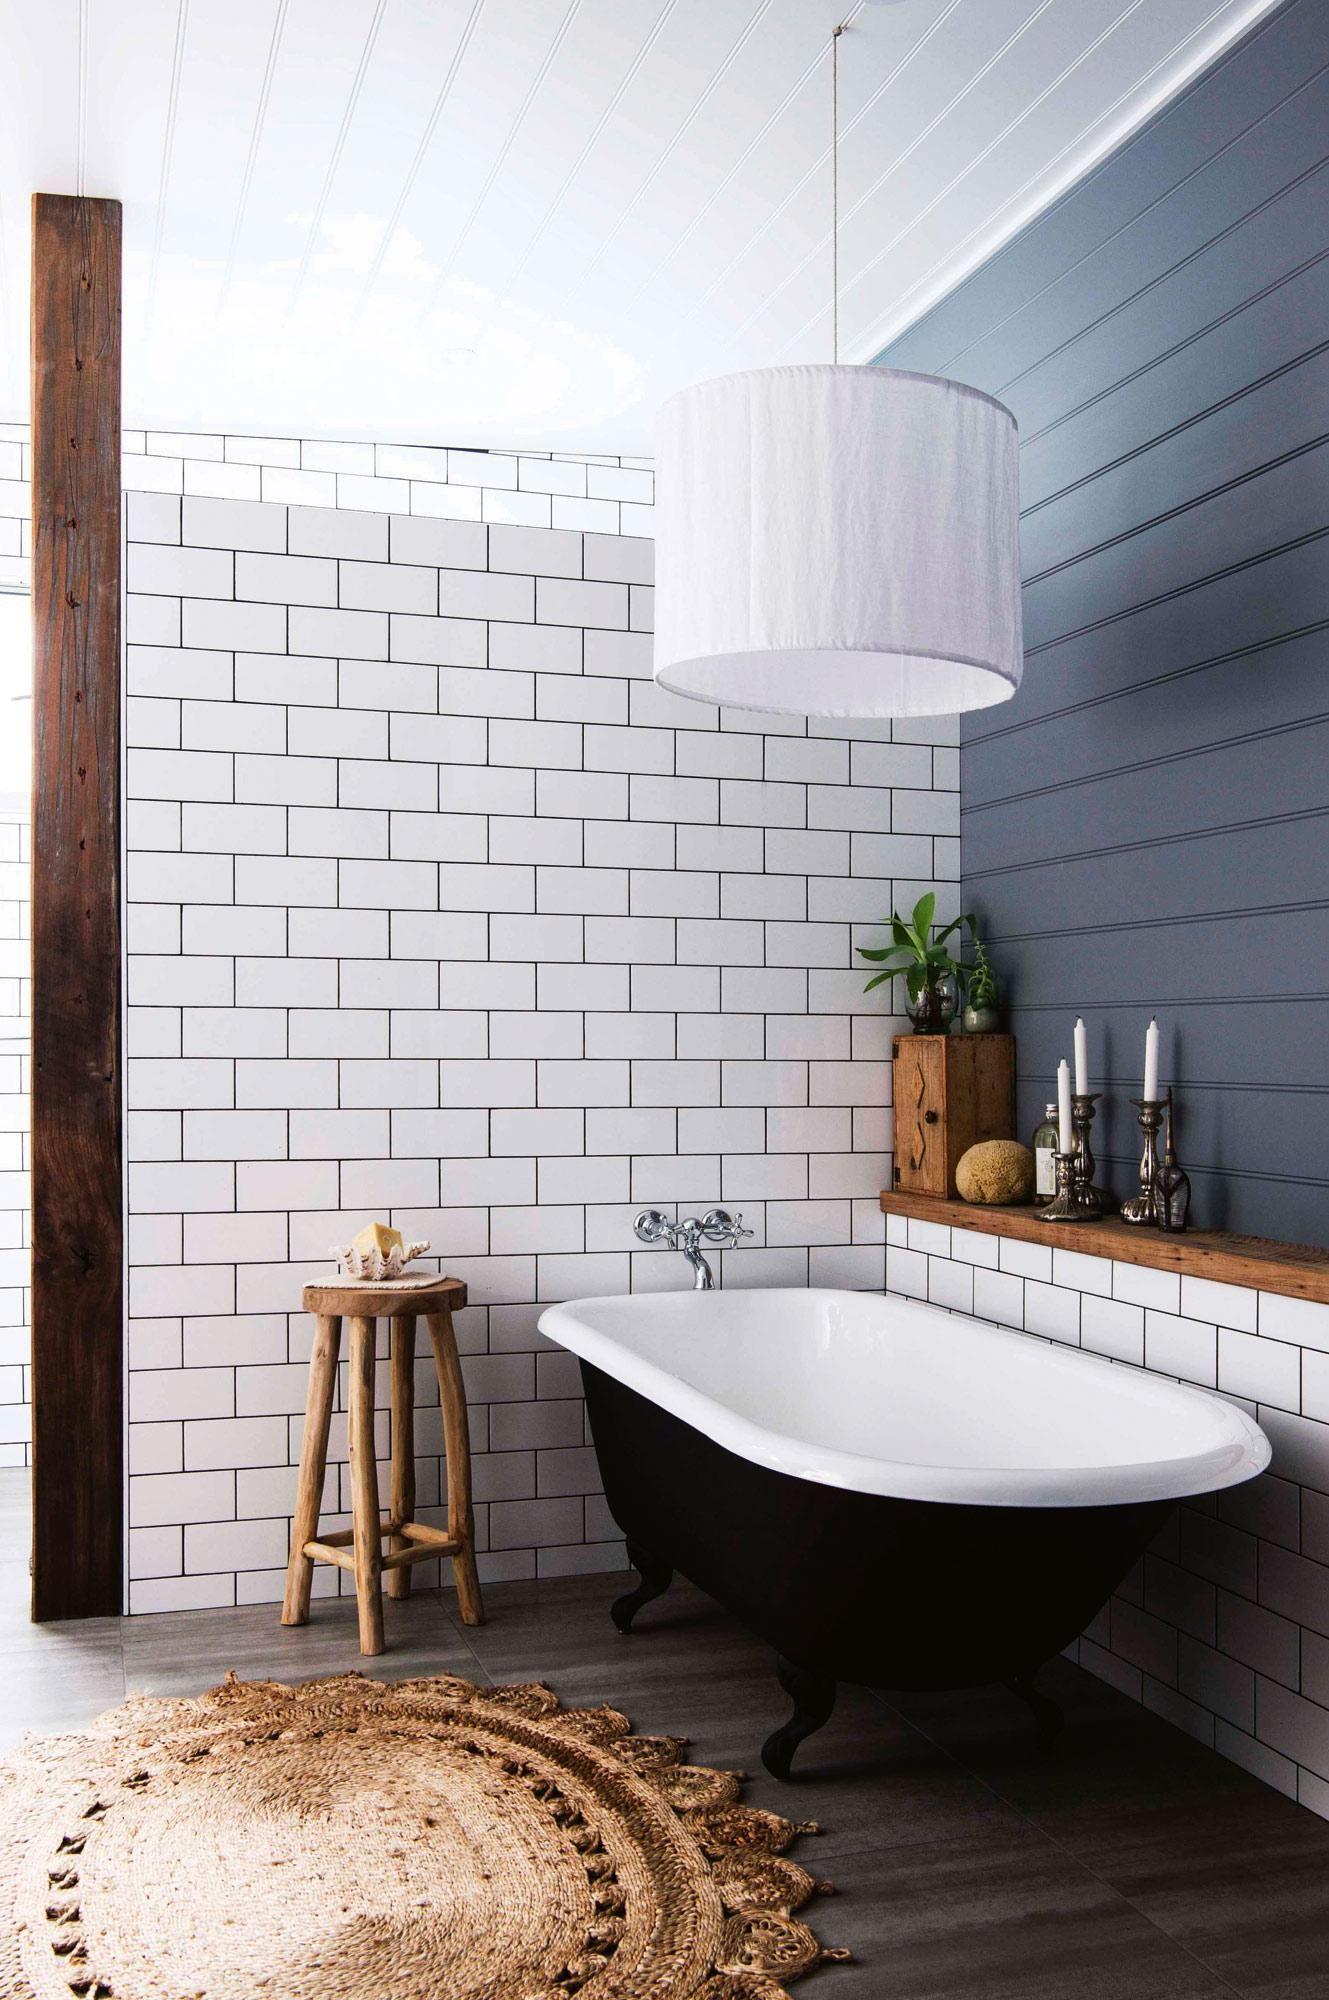 Bathroom Bath Rug Tiles Acssep2017 Copy Country Style Bathrooms Country Bathroom House Bathroom